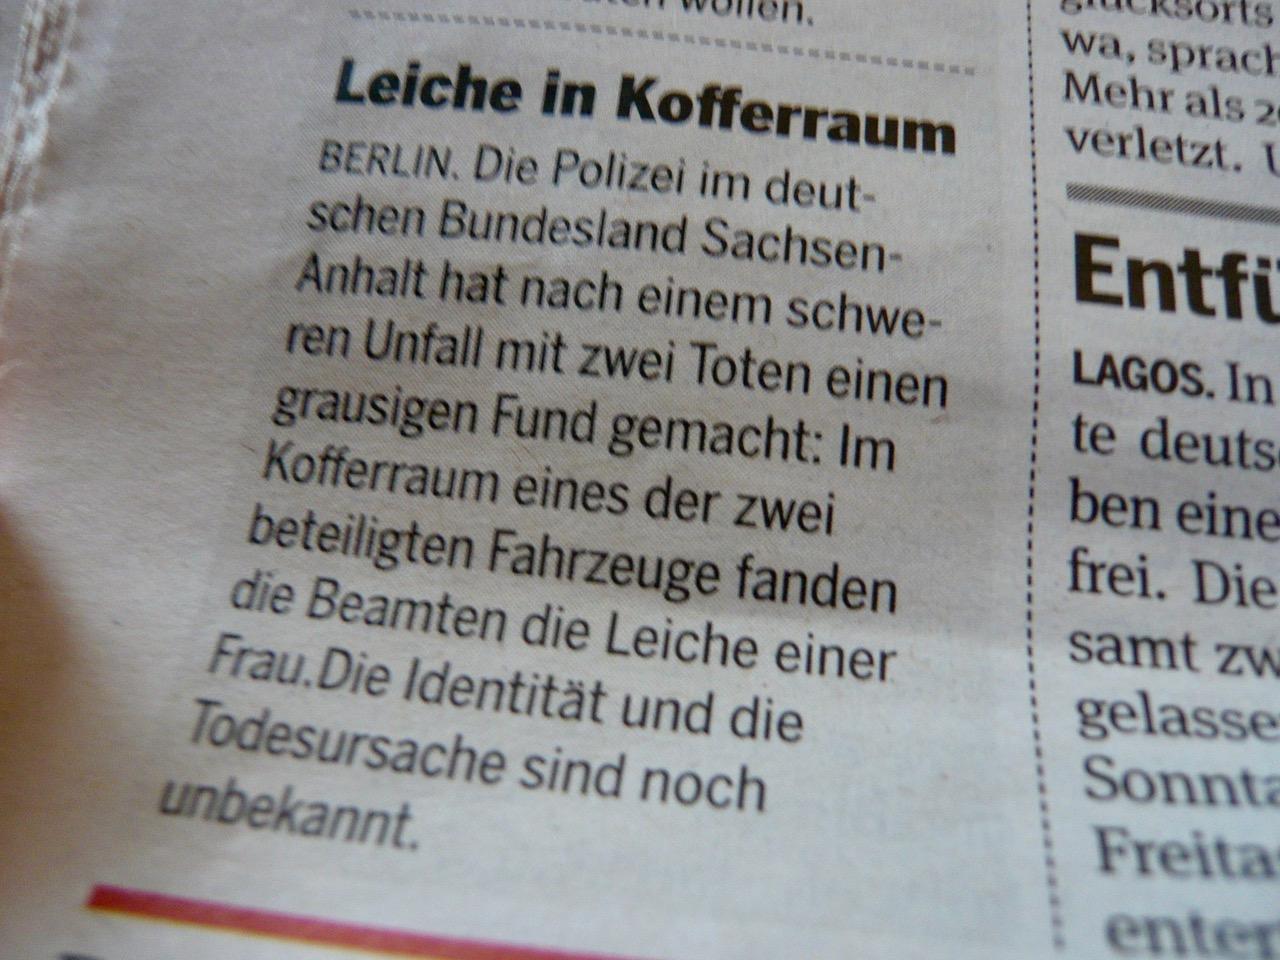 mark_benecke_herbert_hoffmann_schweiz - 18.jpeg